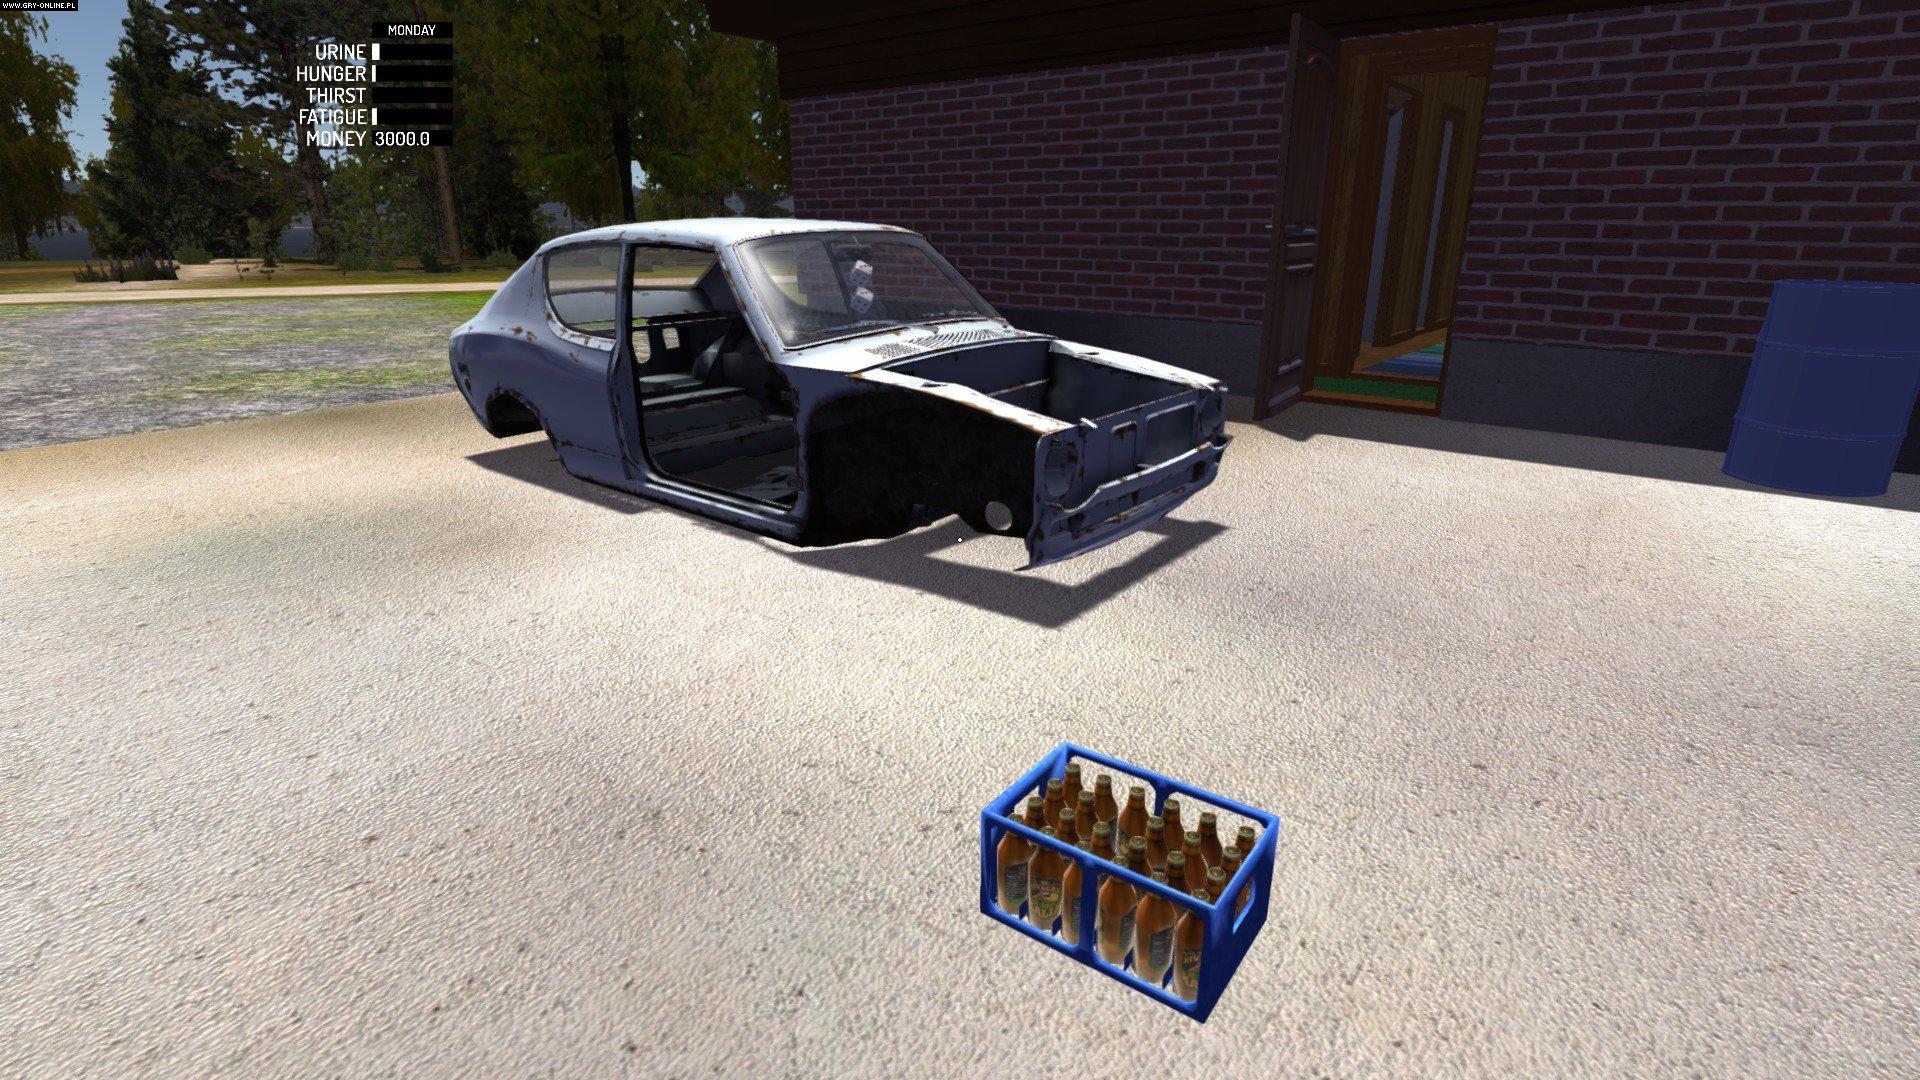 Construction simulator 2015 complet de jeu pc gratuit téléchargement.